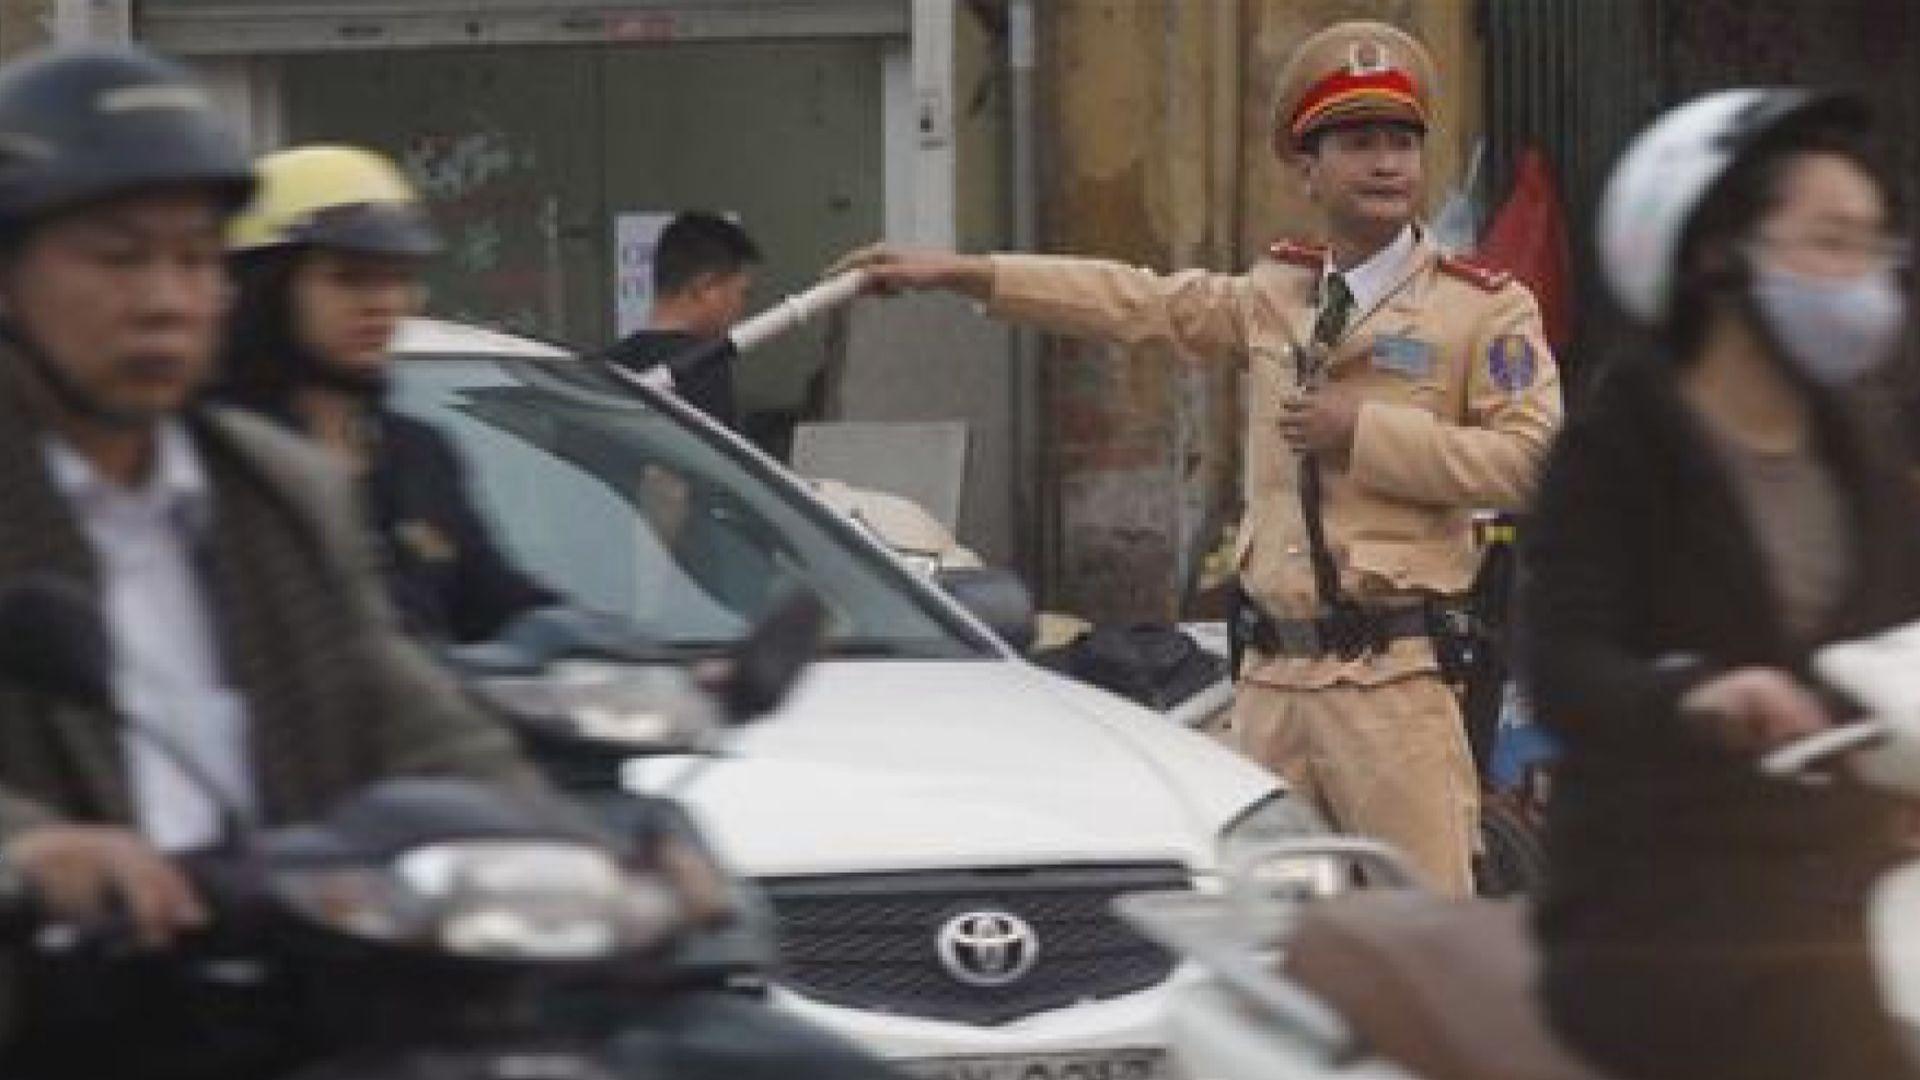 【環球薈報】越南新措施容許民眾拍攝交警執勤情況